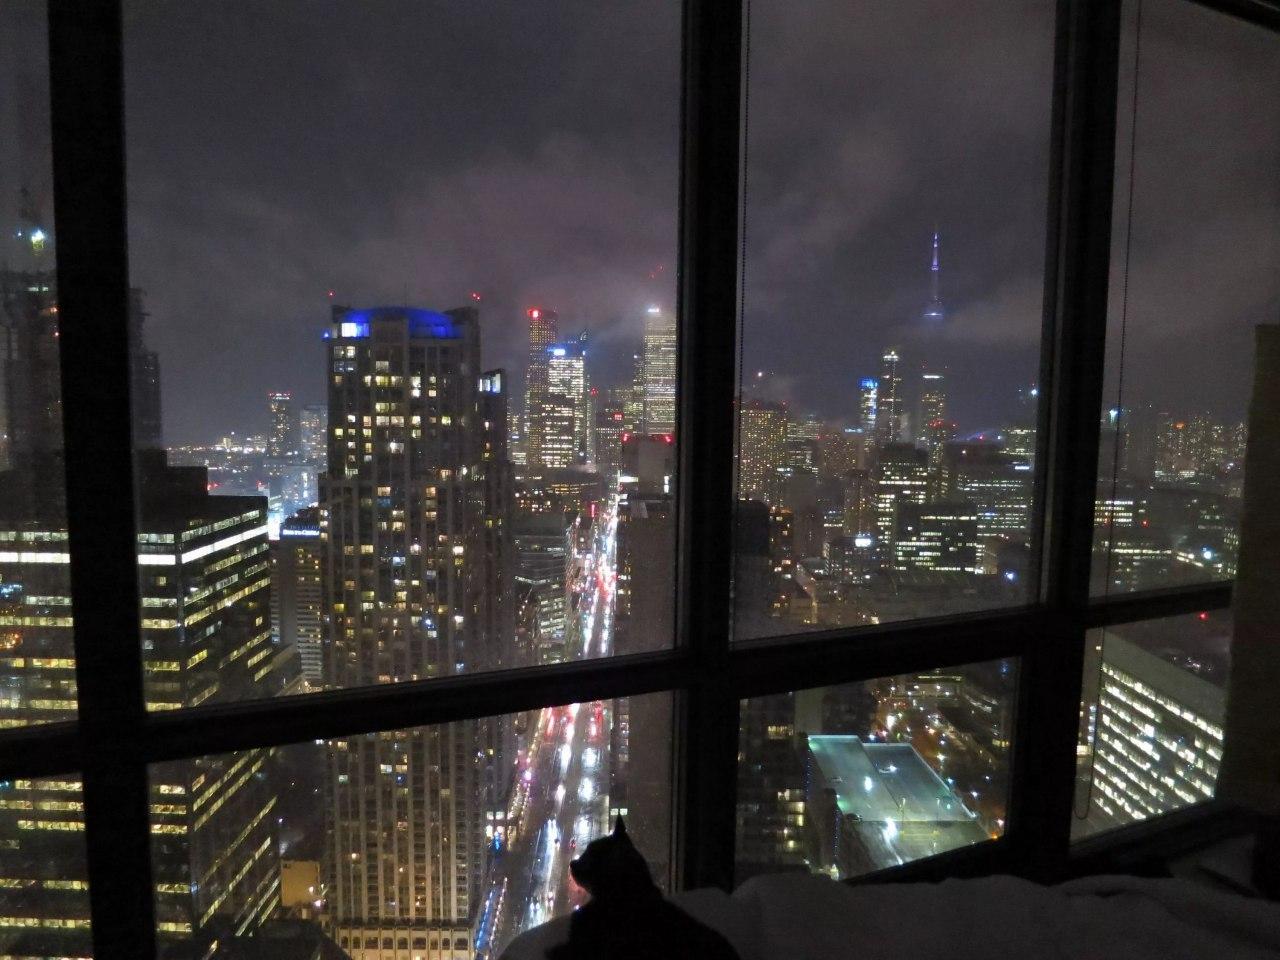 весь город картинки вид с окна на телефон весенние